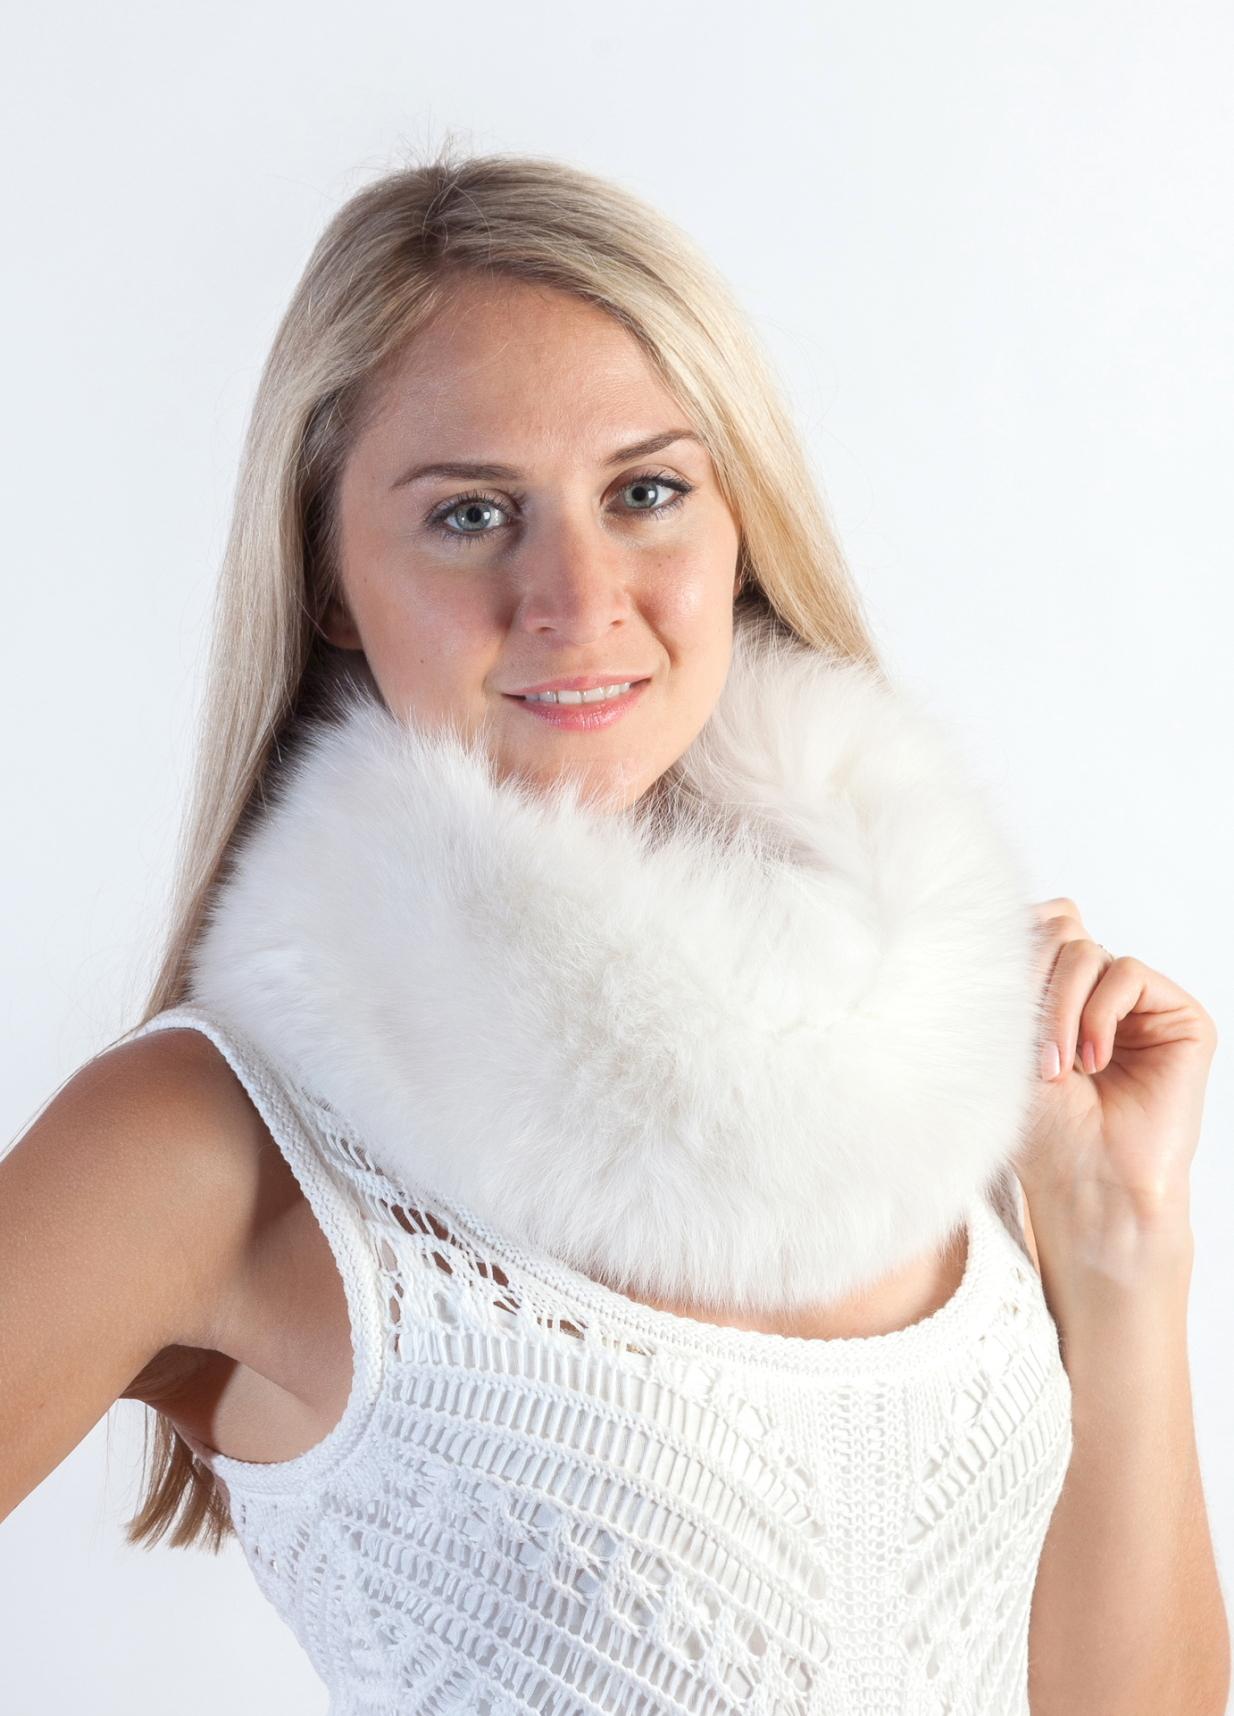 Senza dubbio la stola o il coprispalle in pelliccia naturale e  l accessorio  in pelliccia per sposa piu  indossato ed amato. fbf2465bf52c